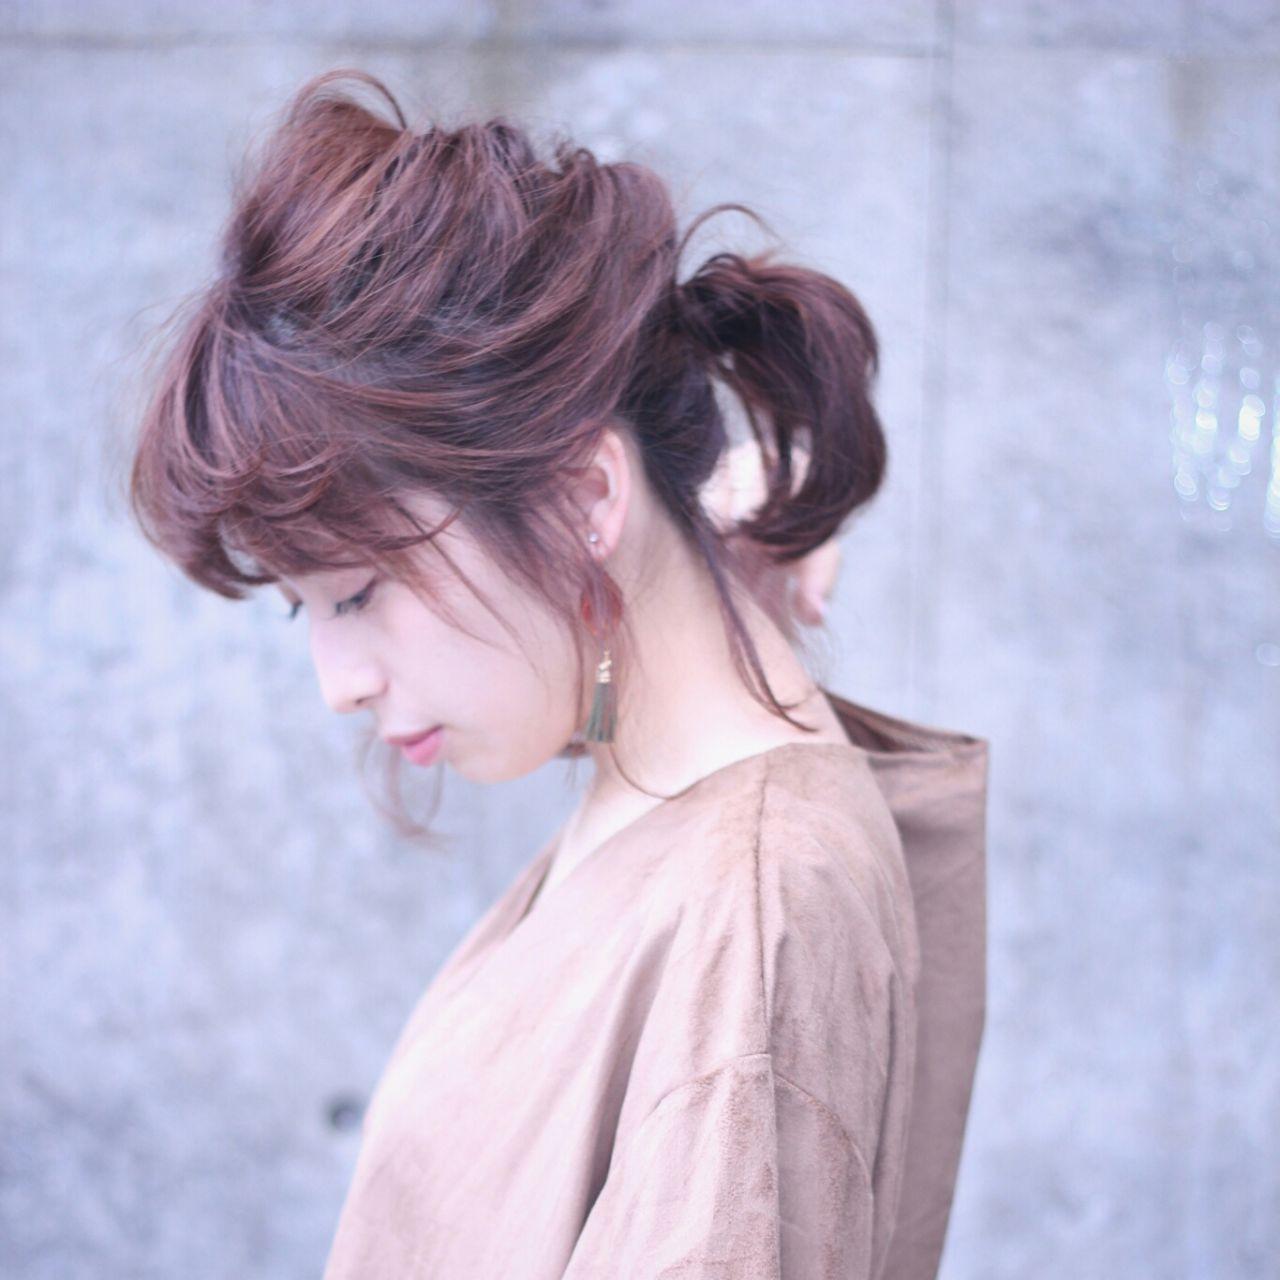 パーティ ポニーテール フェミニン ミディアム ヘアスタイルや髪型の写真・画像